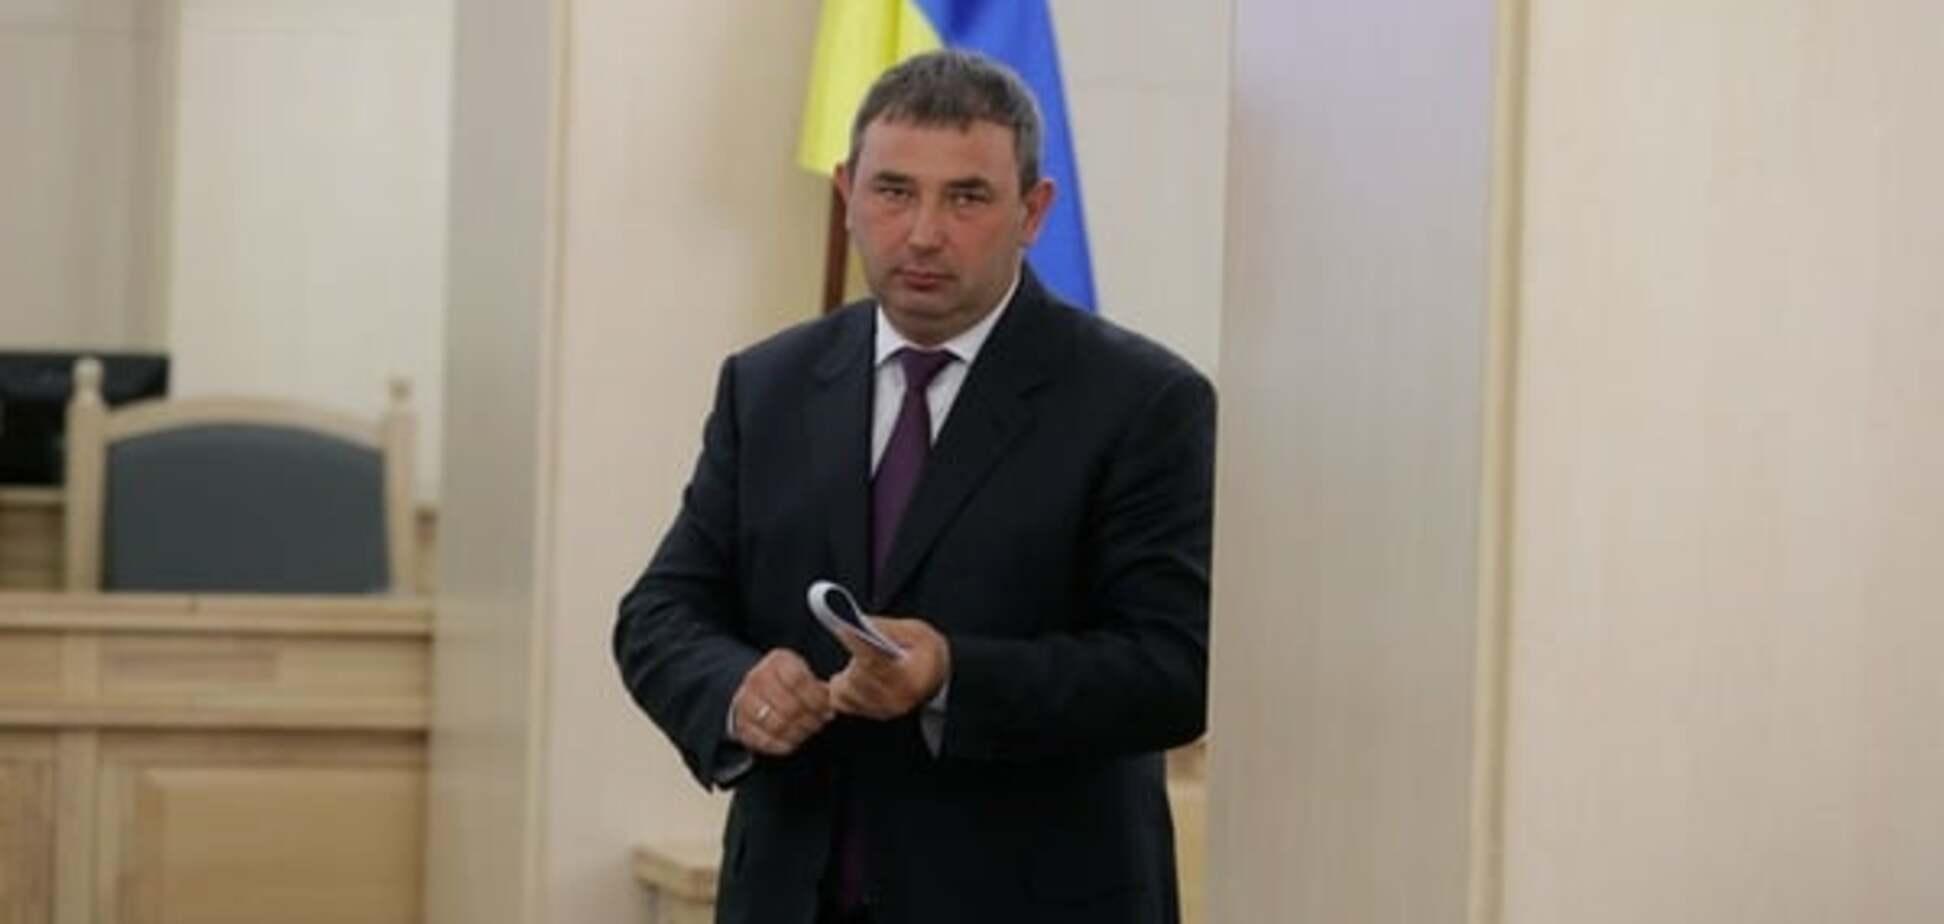 'Коллизия': Высший админсуд отказался наказывать судей Майдана